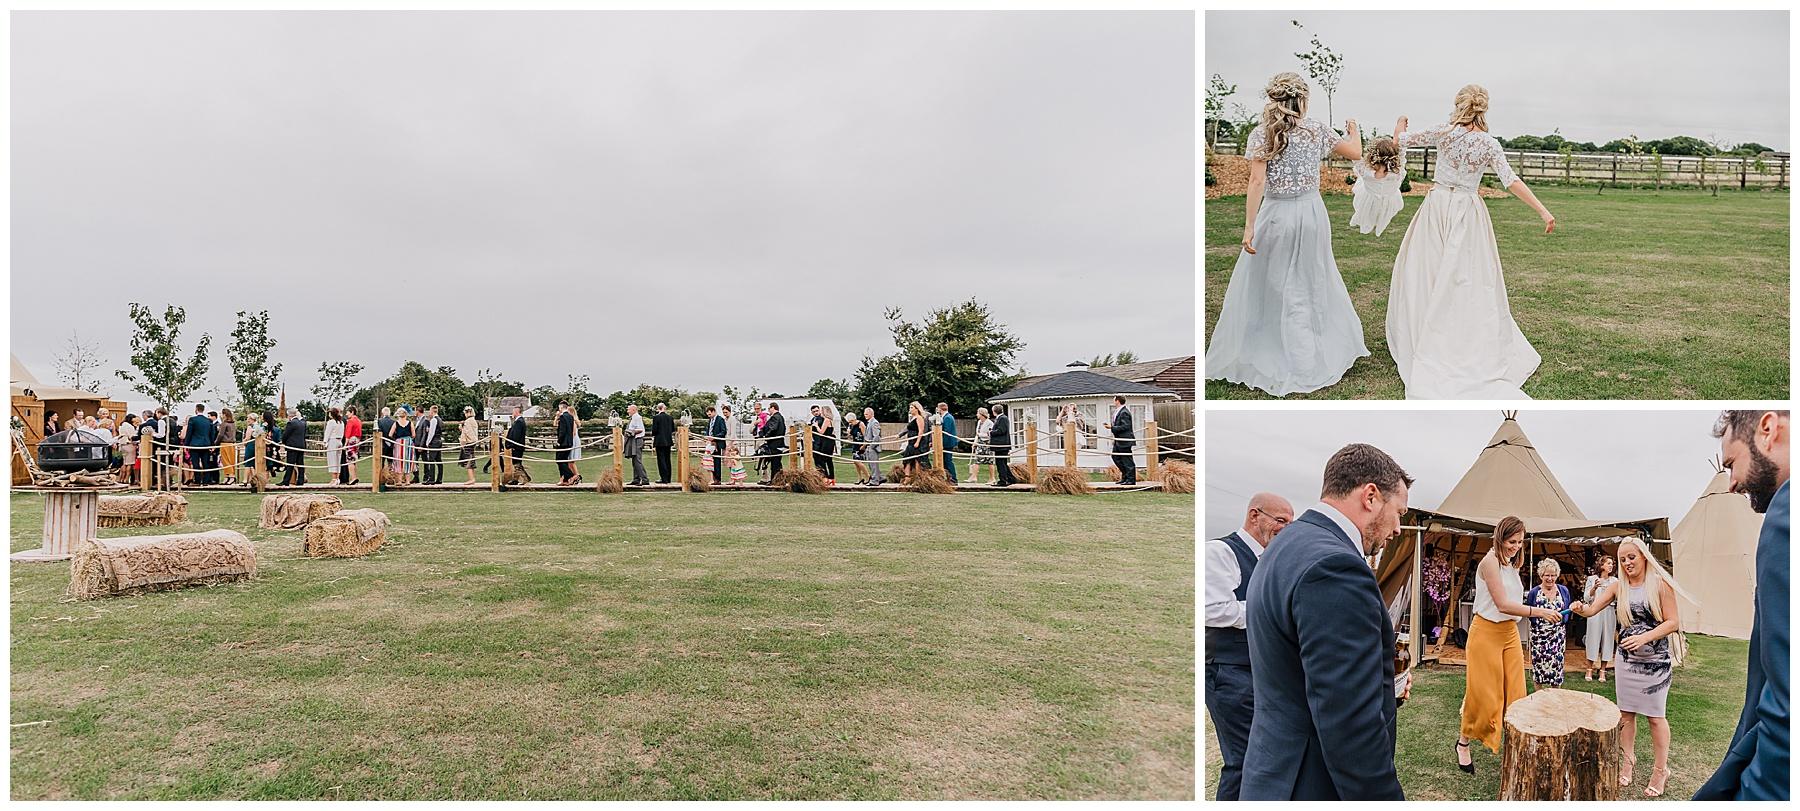 Oaklea Wedding Barn Teepee Wedding